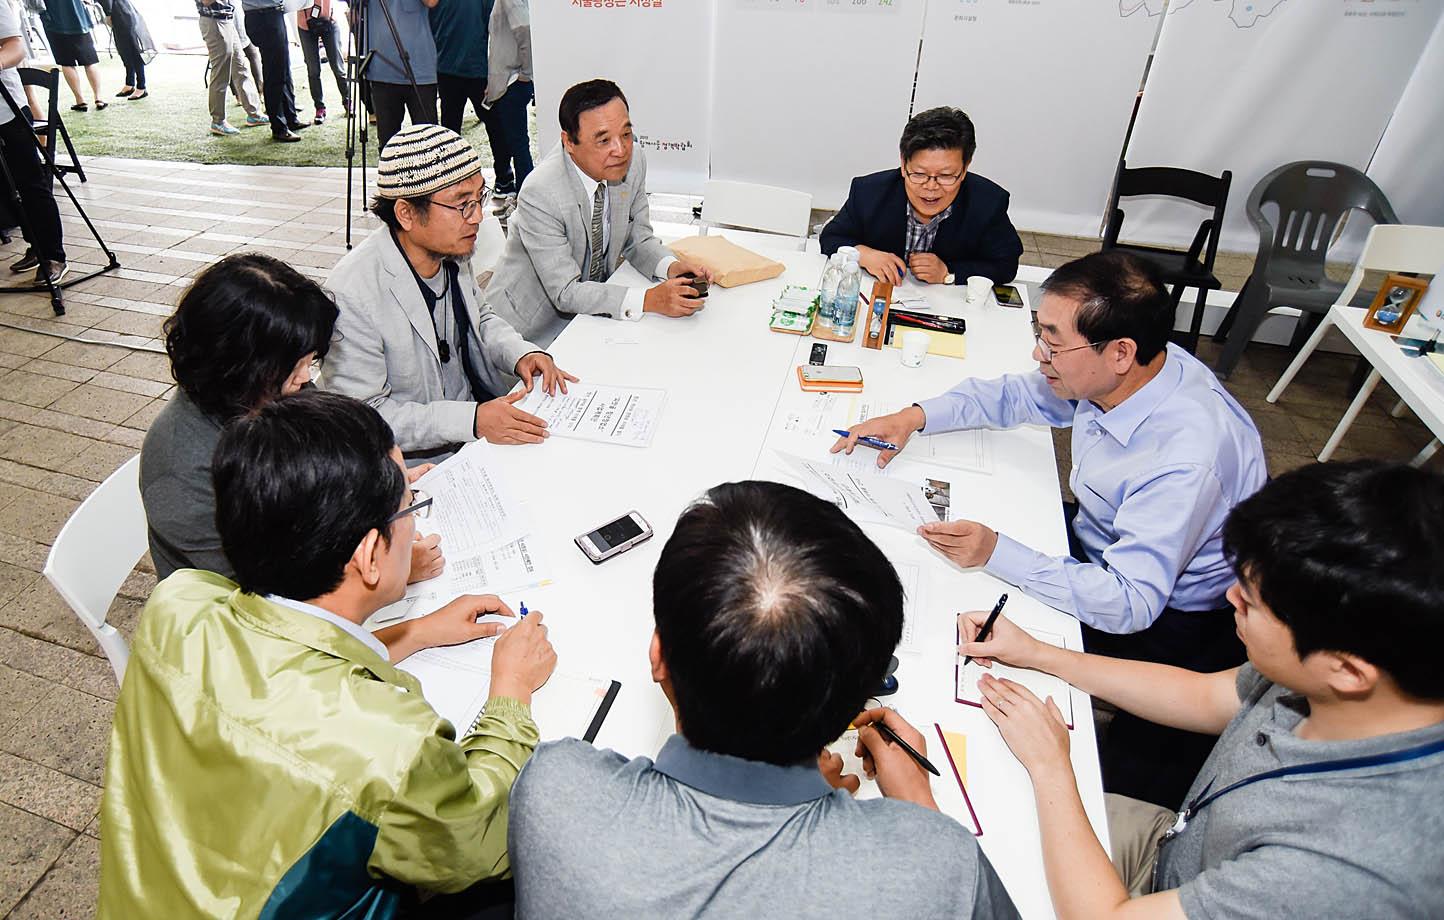 박원순 서울시장(오른쪽에서 두번째)이 지난 9월 서울정책박람회 중 서울광장 천막에서 시민들의 정책제안을 직접 받아 검토하고 있다.